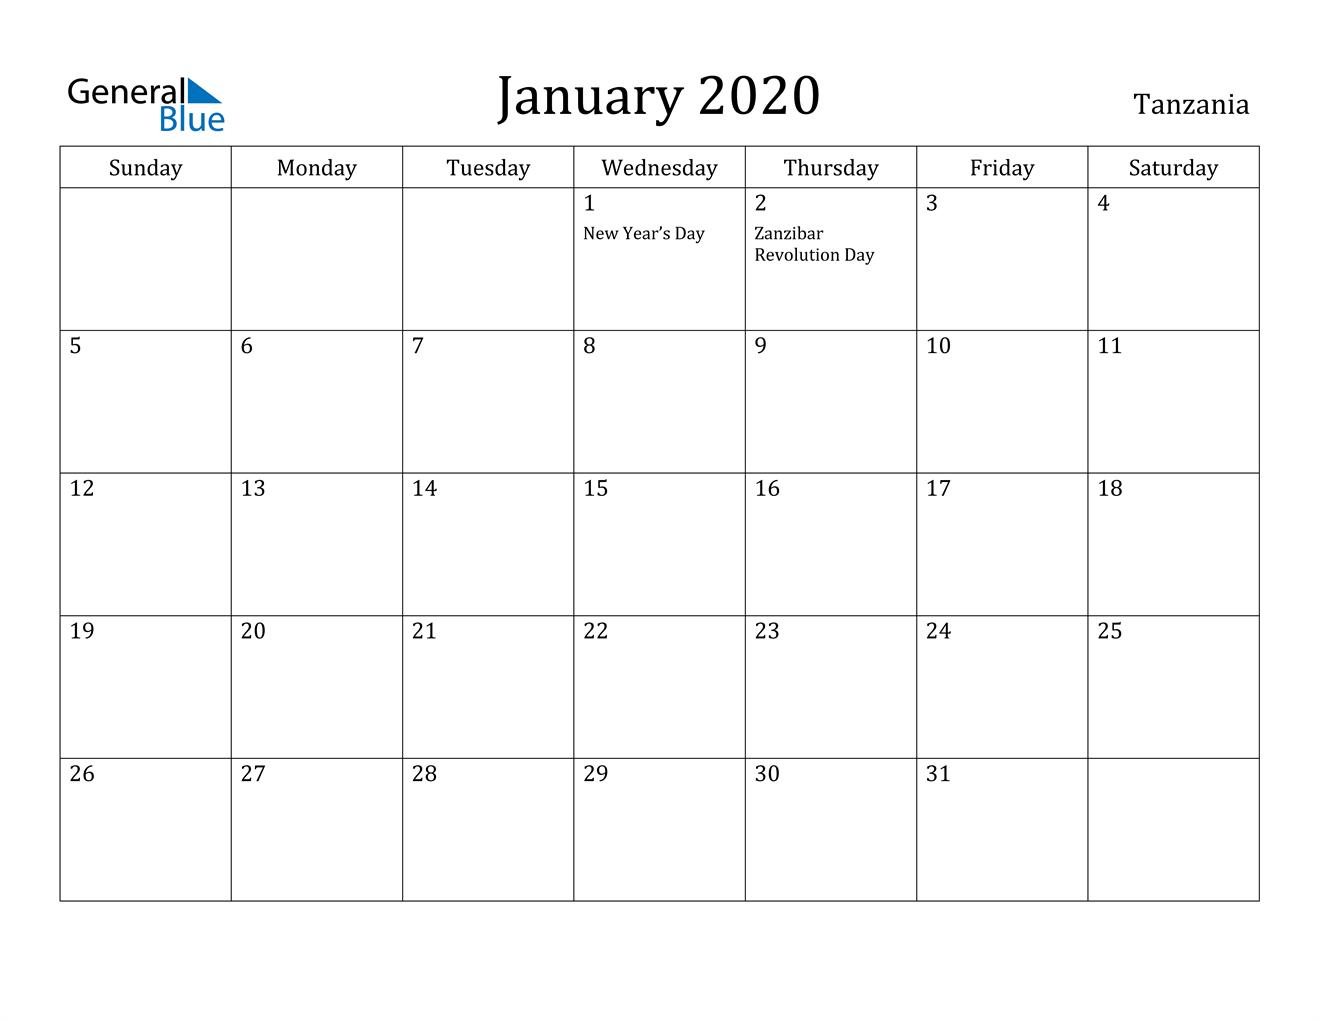 Image of January 2020 Tanzania Calendar with Holidays Calendar